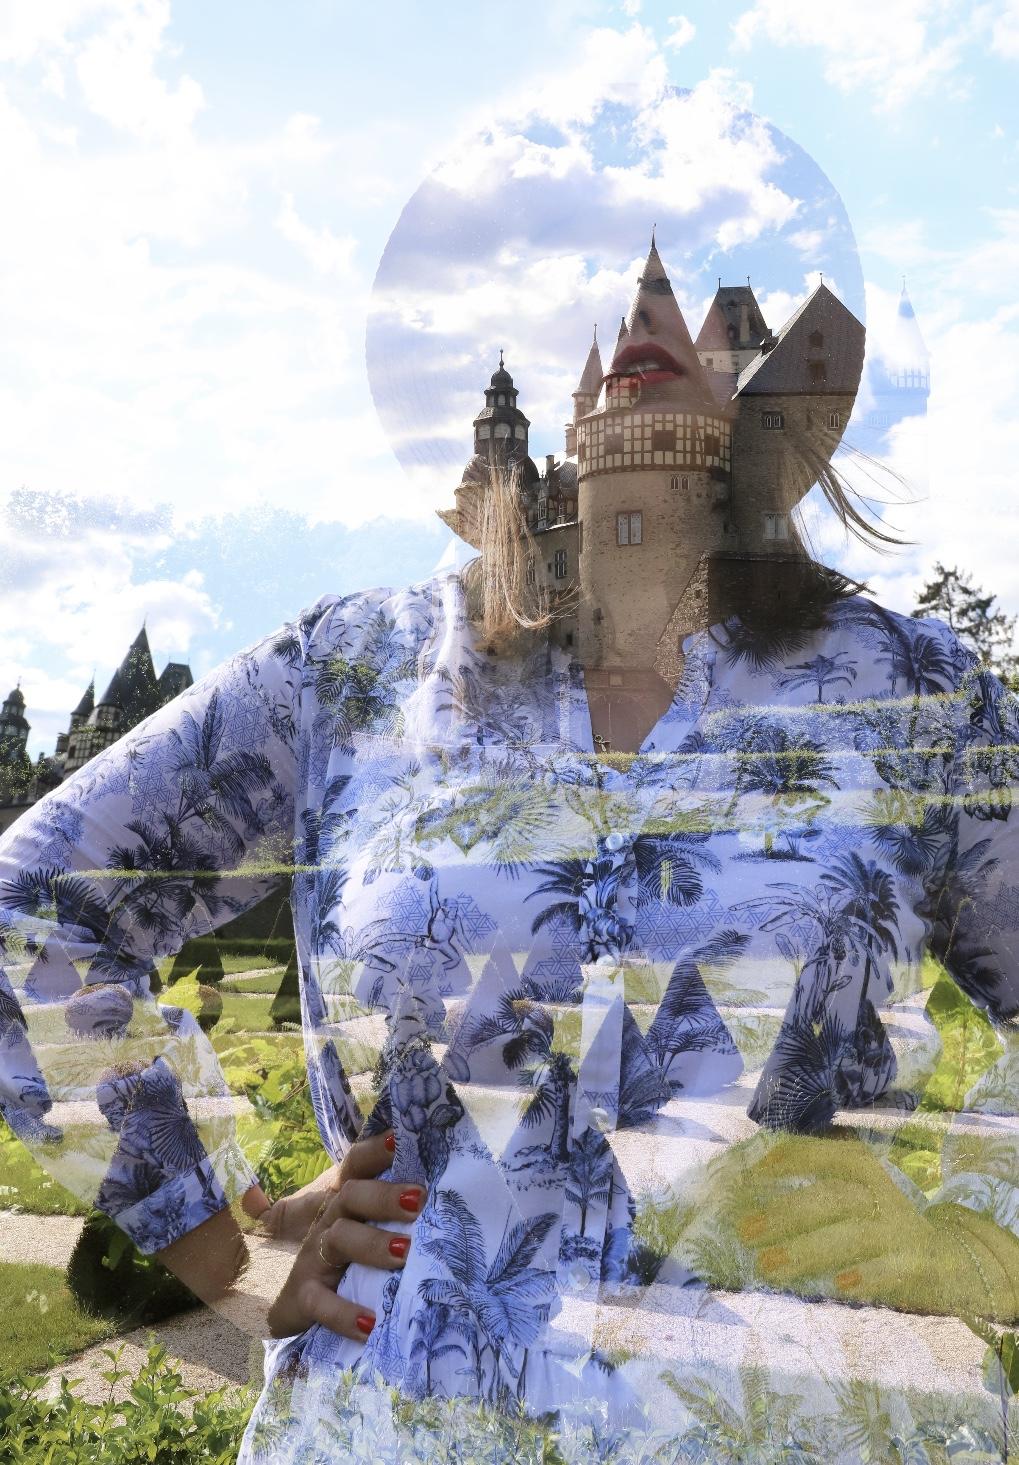 Gerry-Weber-Leinenkleid-Schloss-Bürresheim-Toile-de-Jouy-Muster-kombinieren-Sommertrend-Susanne-Heidebach-Miss-Suzie-Loves